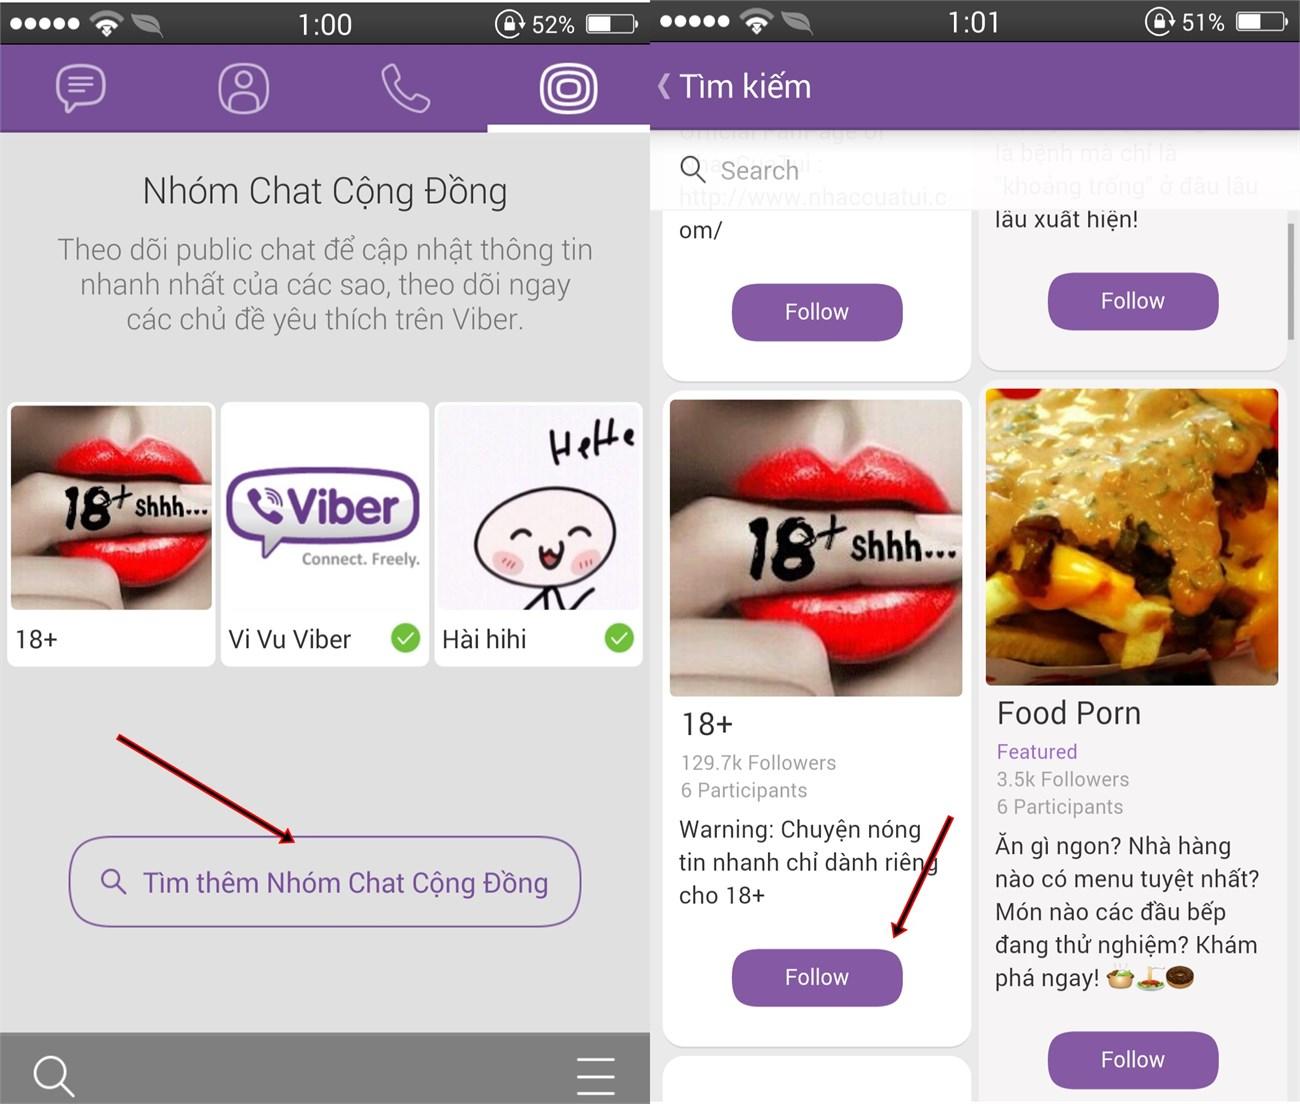 Cách sử dụng Public Chats trên Viber 2